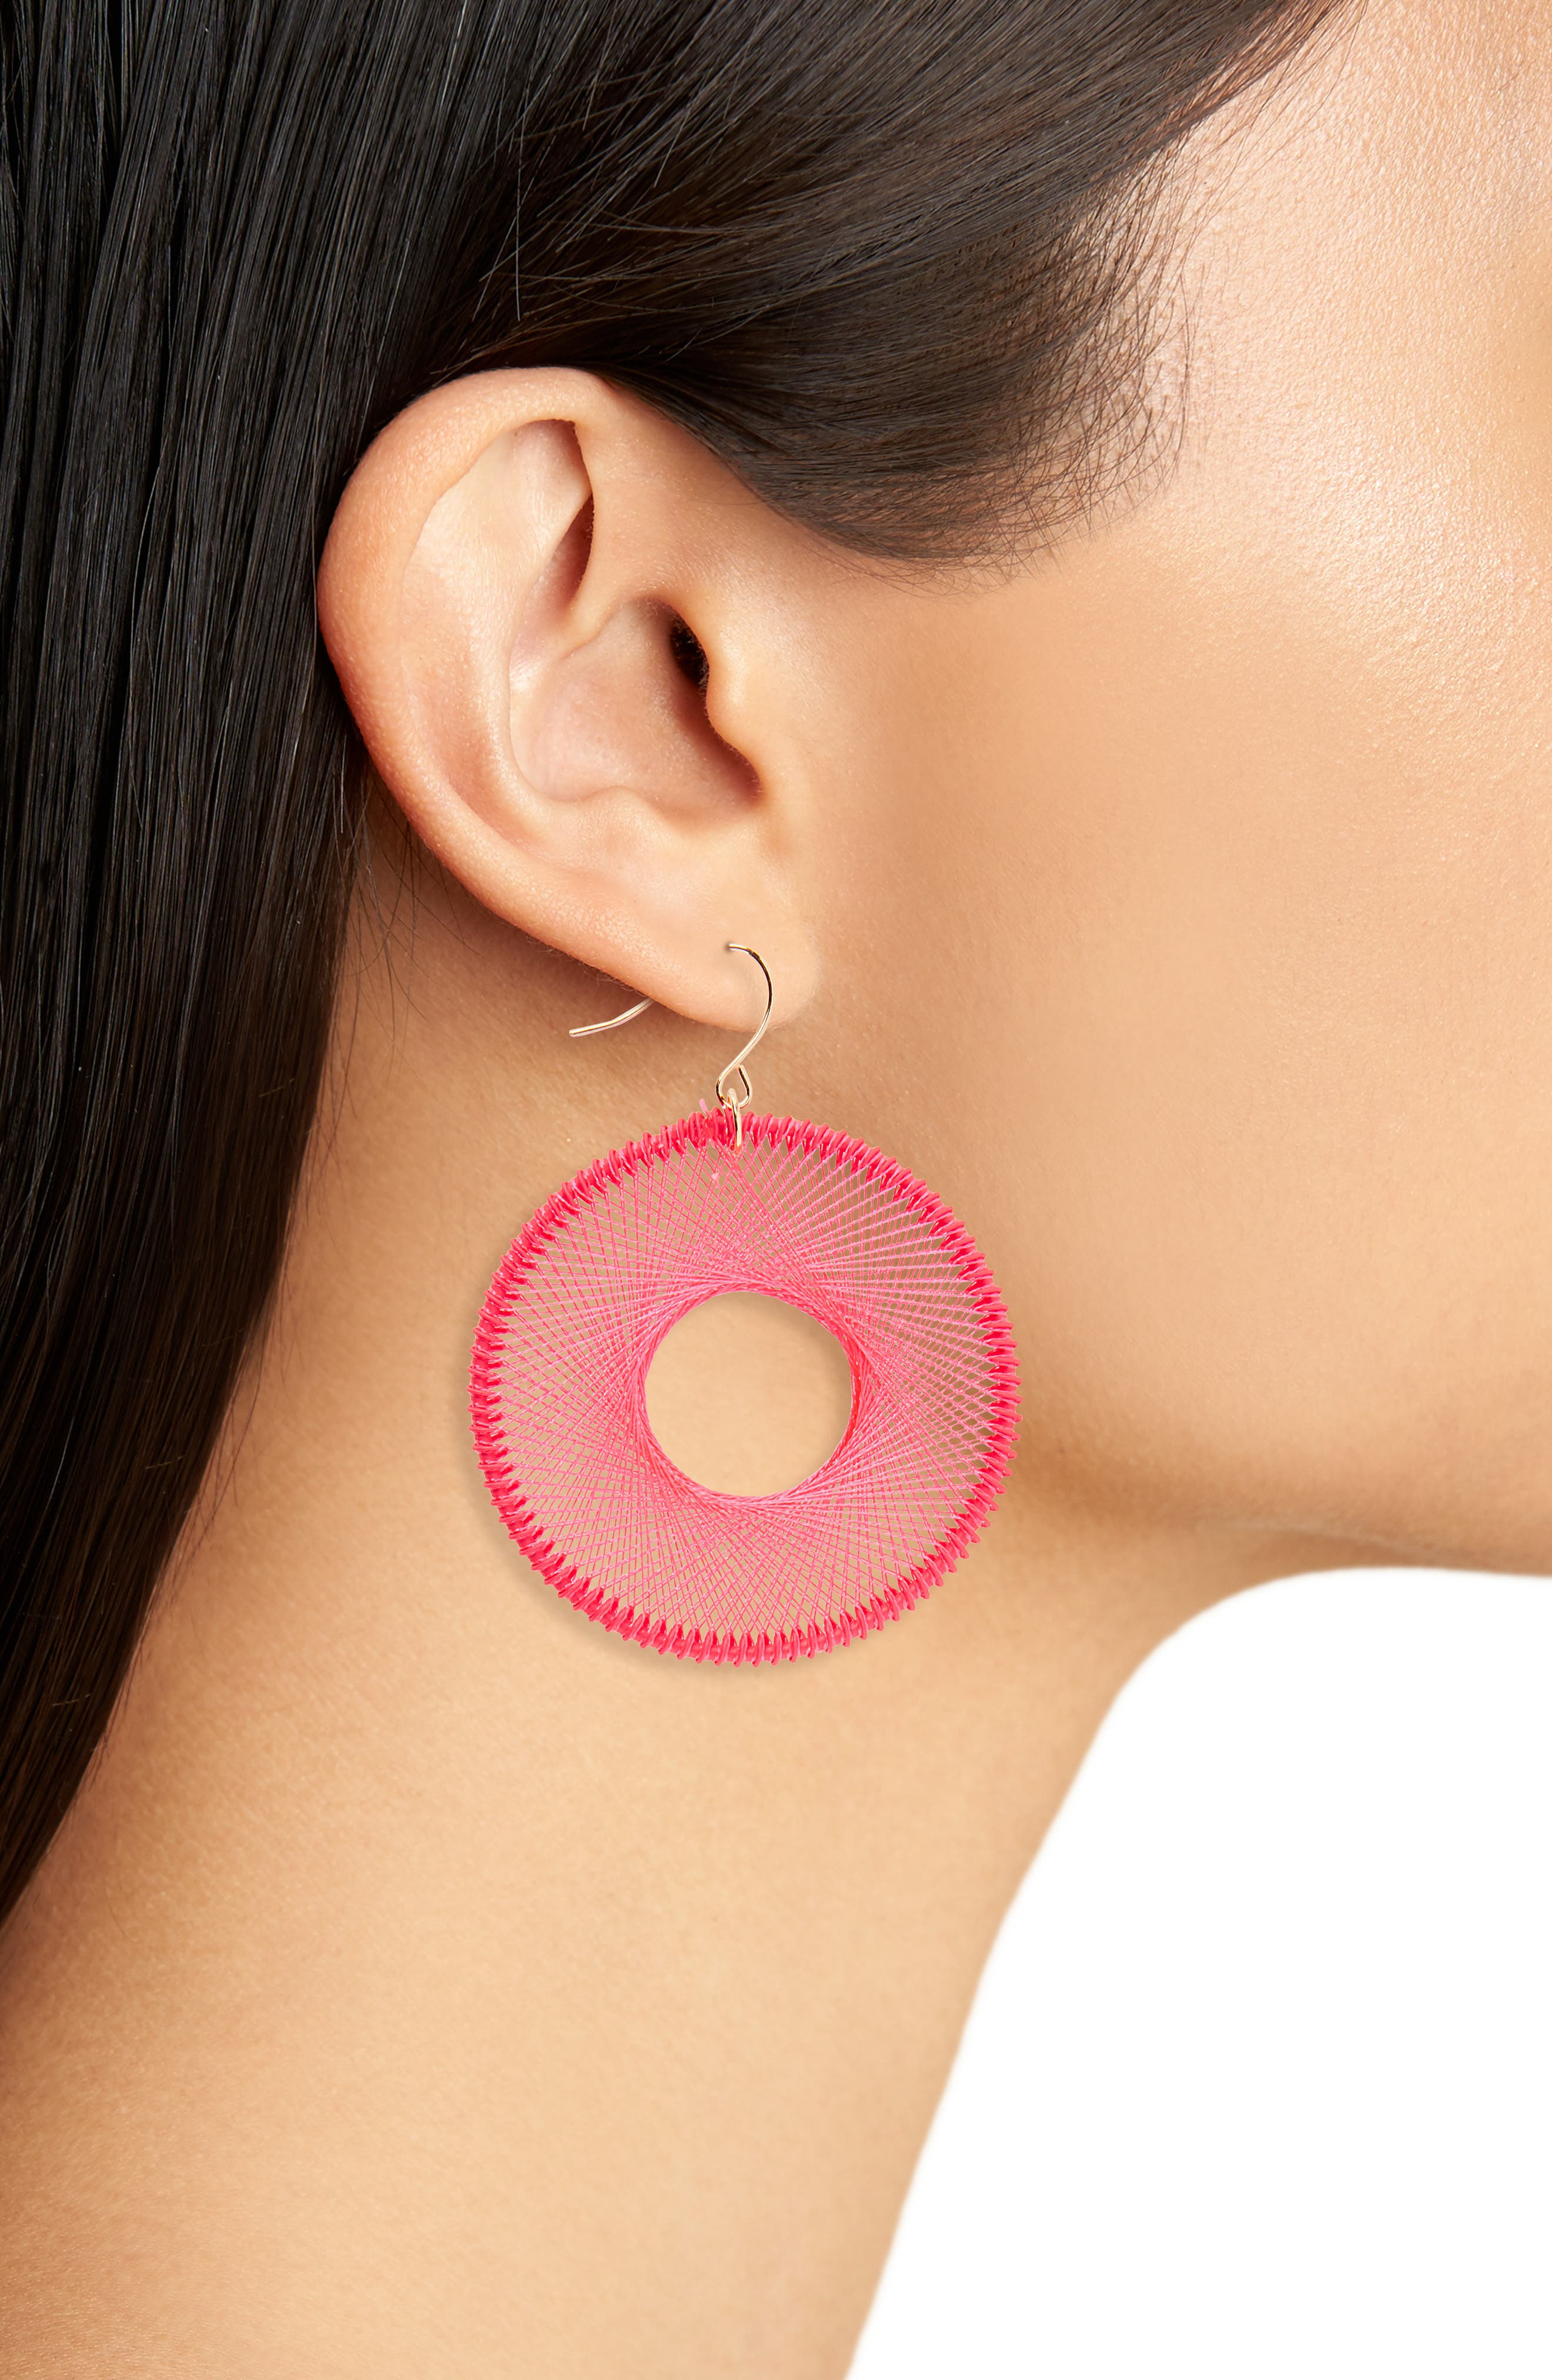 Silk Thread Hoop Earrings,                             Alternate thumbnail 2, color,                             Hot Pink